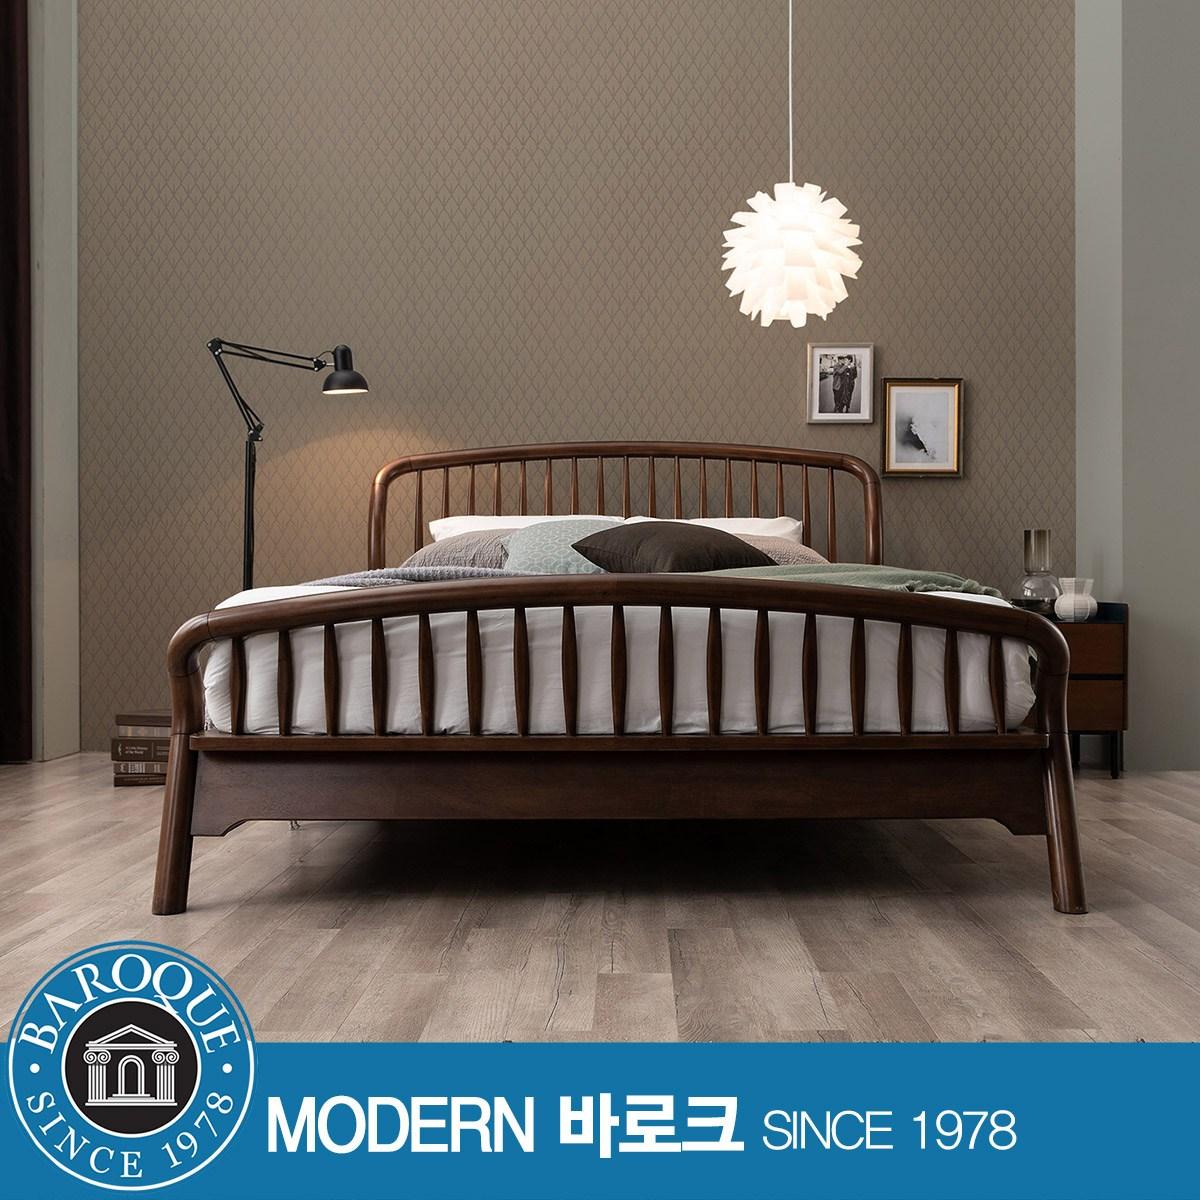 [모던바로크] W 알타무라) 럭셔리 원목 평상형 킹 침대 / Q3 매트리스(수퍼인디), 브라운